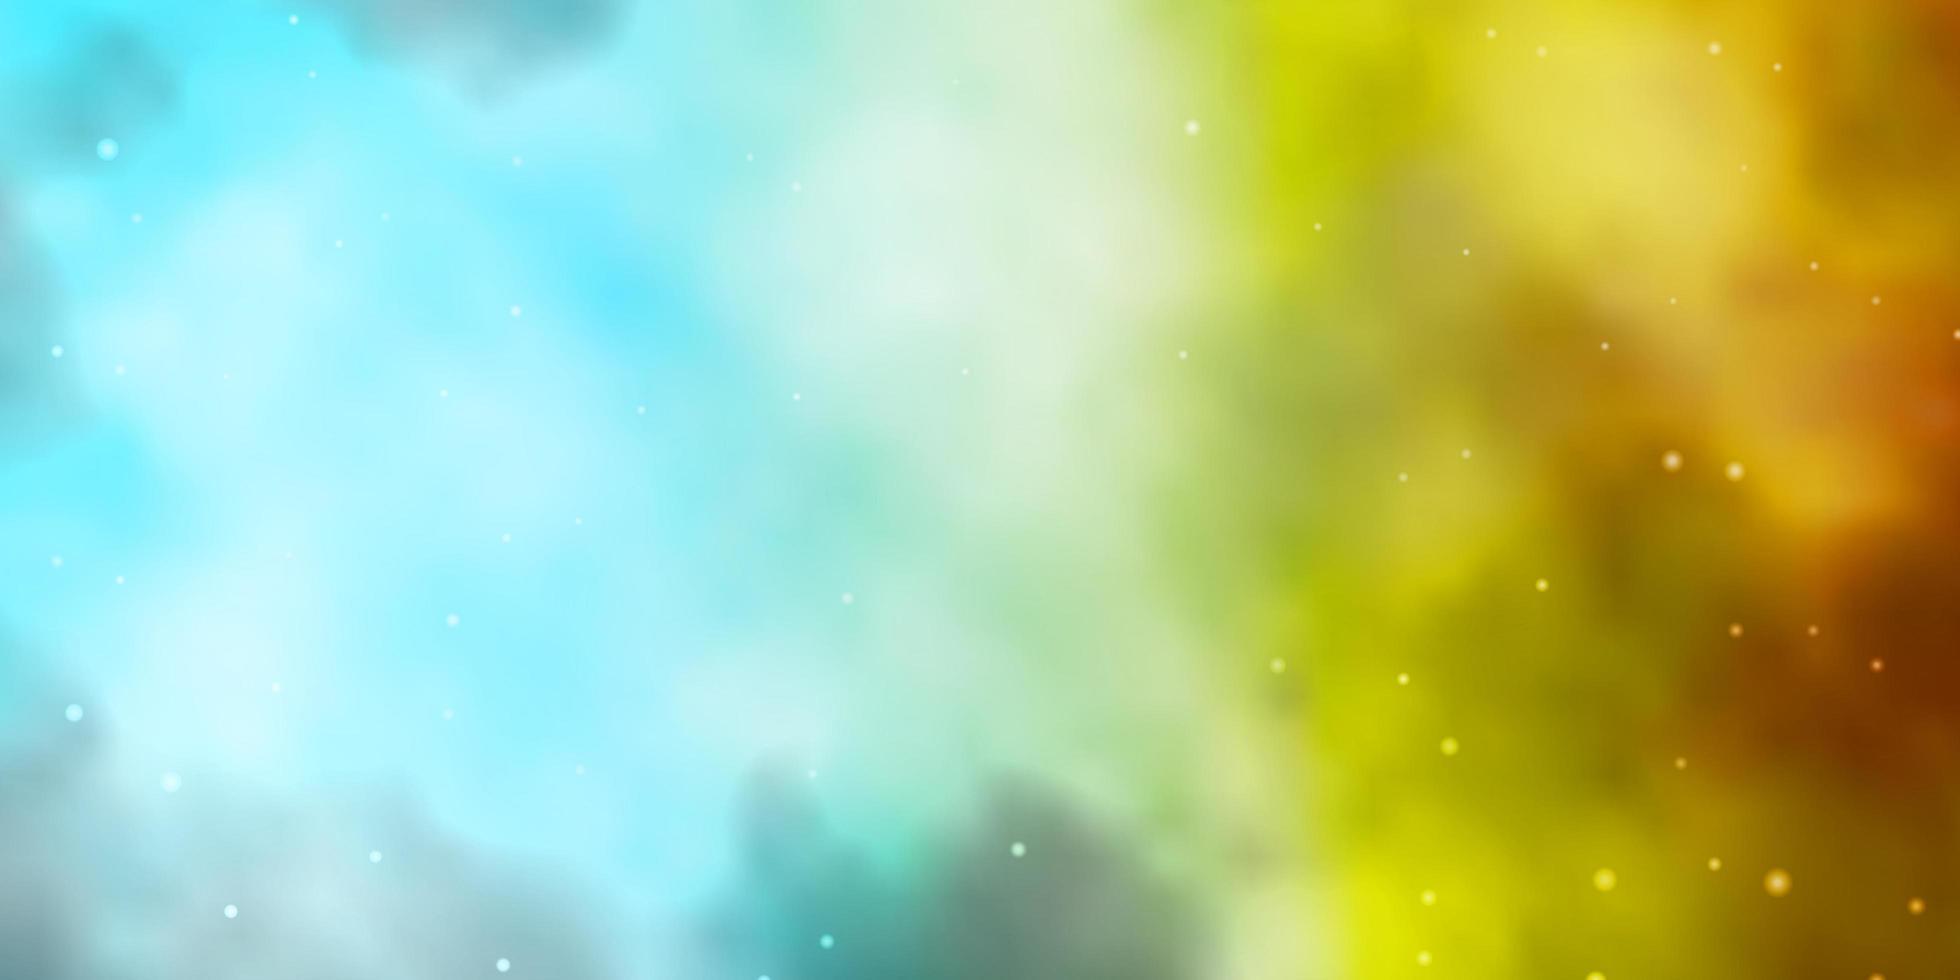 ljusblå, gul konsistens med vackra stjärnor. vektor